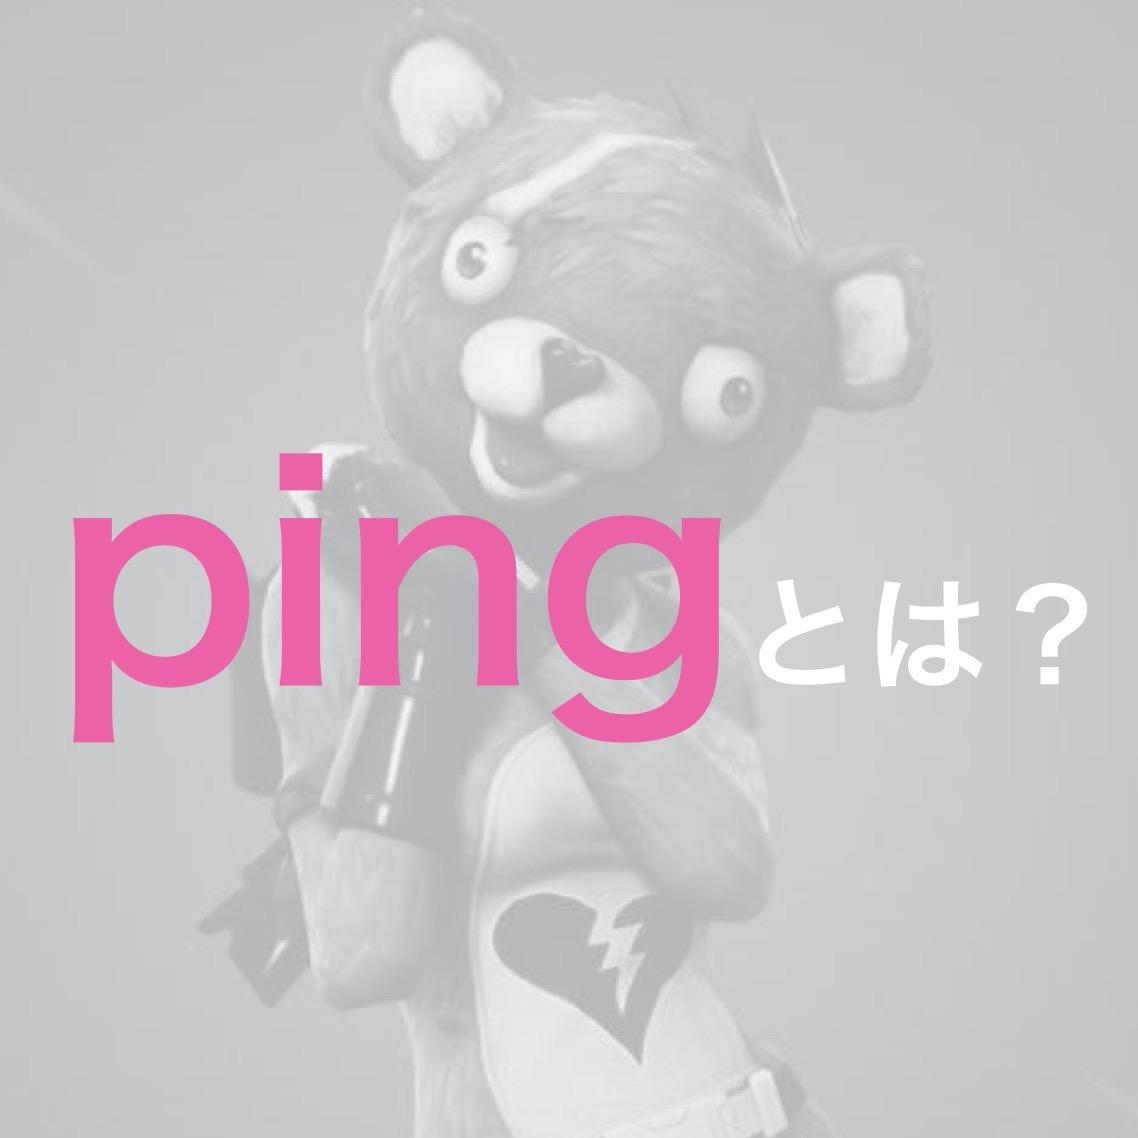 【フォートナイト】ping(ピング)とは何か?確認方法と目安値